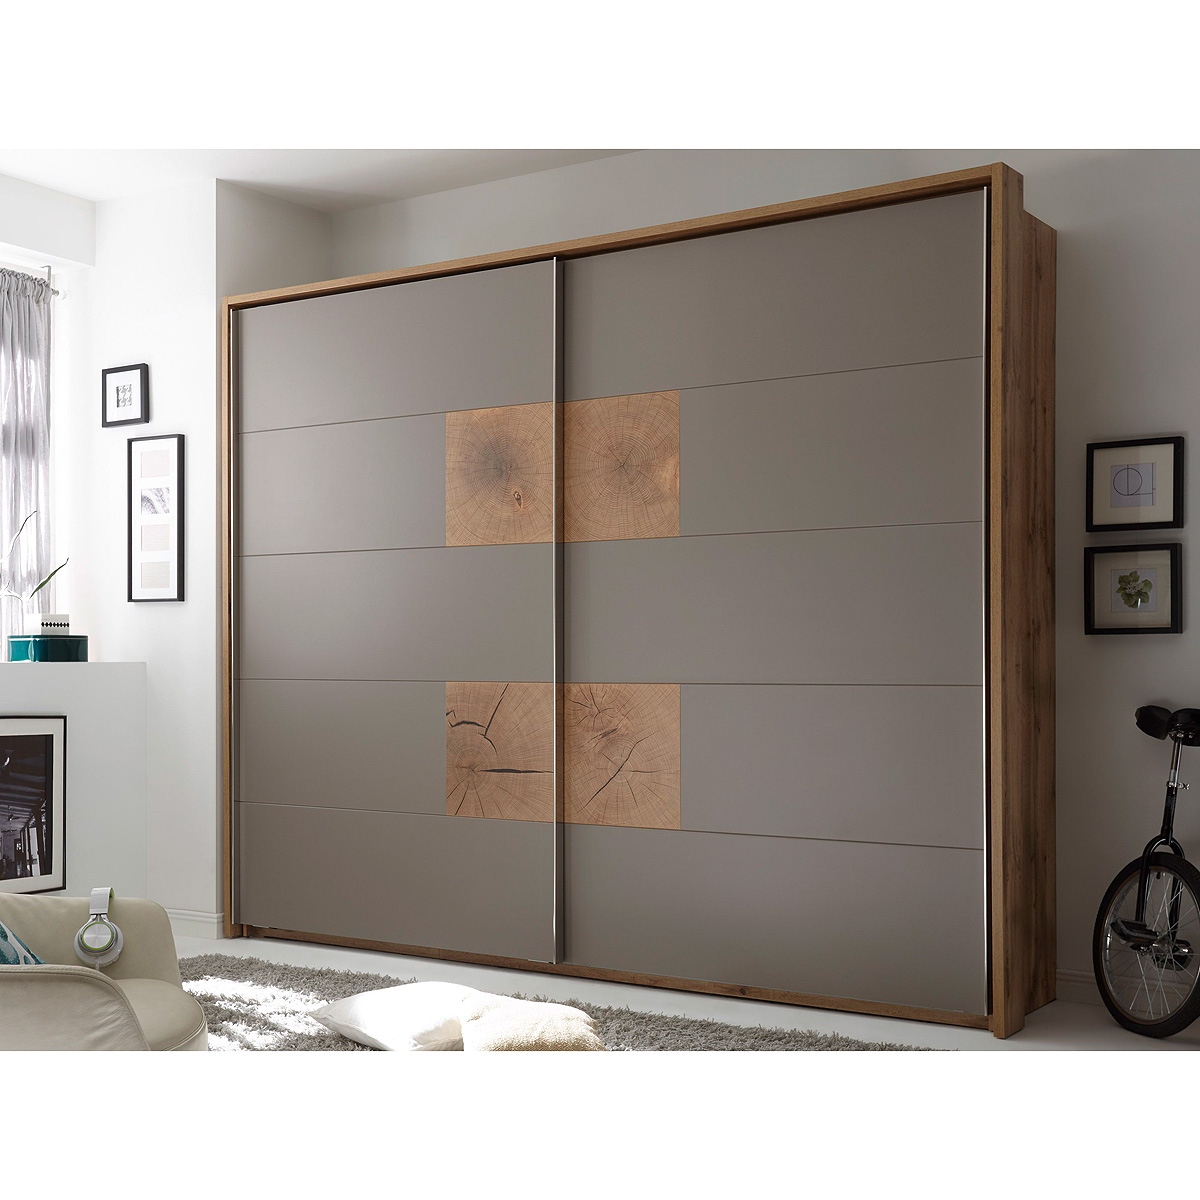 schwebet renschrank capri kleiderschrank wildeiche. Black Bedroom Furniture Sets. Home Design Ideas